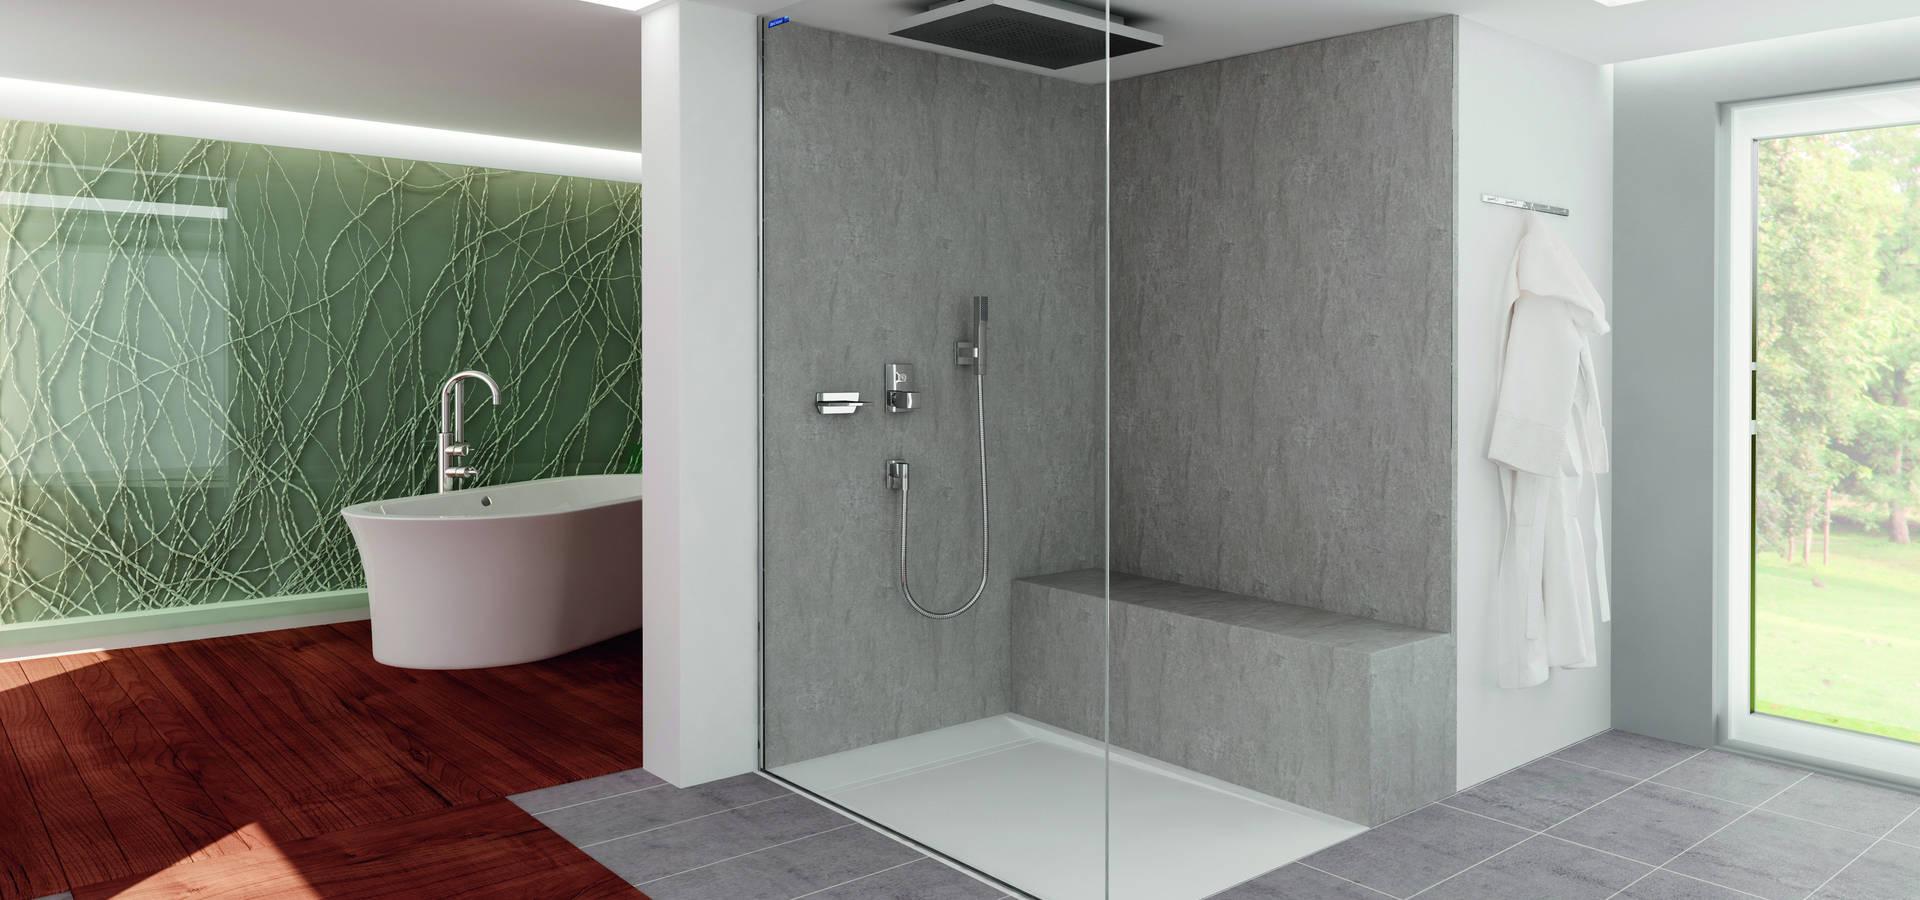 Duscholux Duschwand duschkabine airduscholux sanitärprodukte gmbh | homify